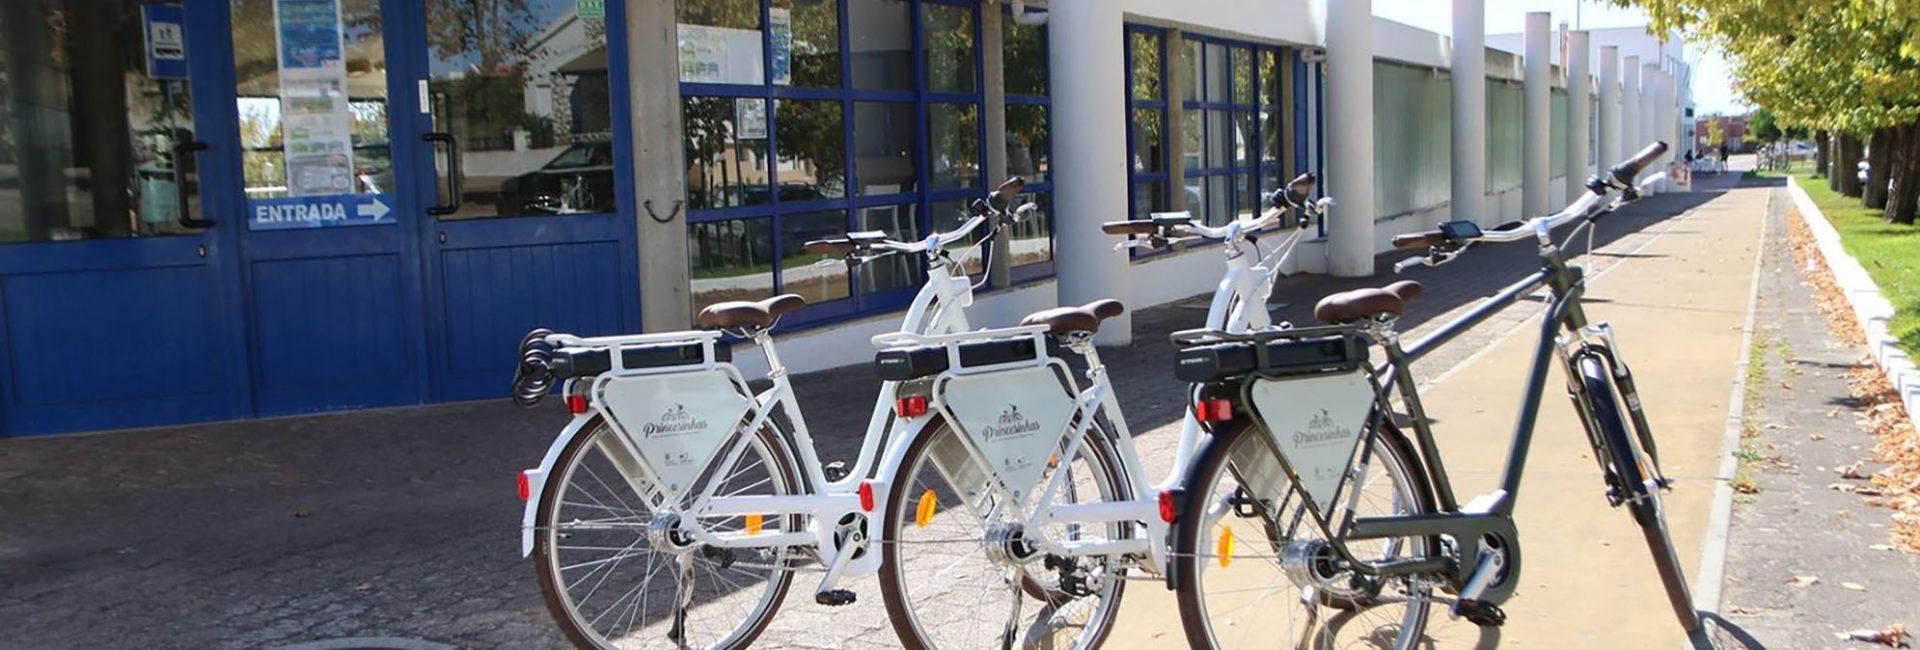 bikes elec